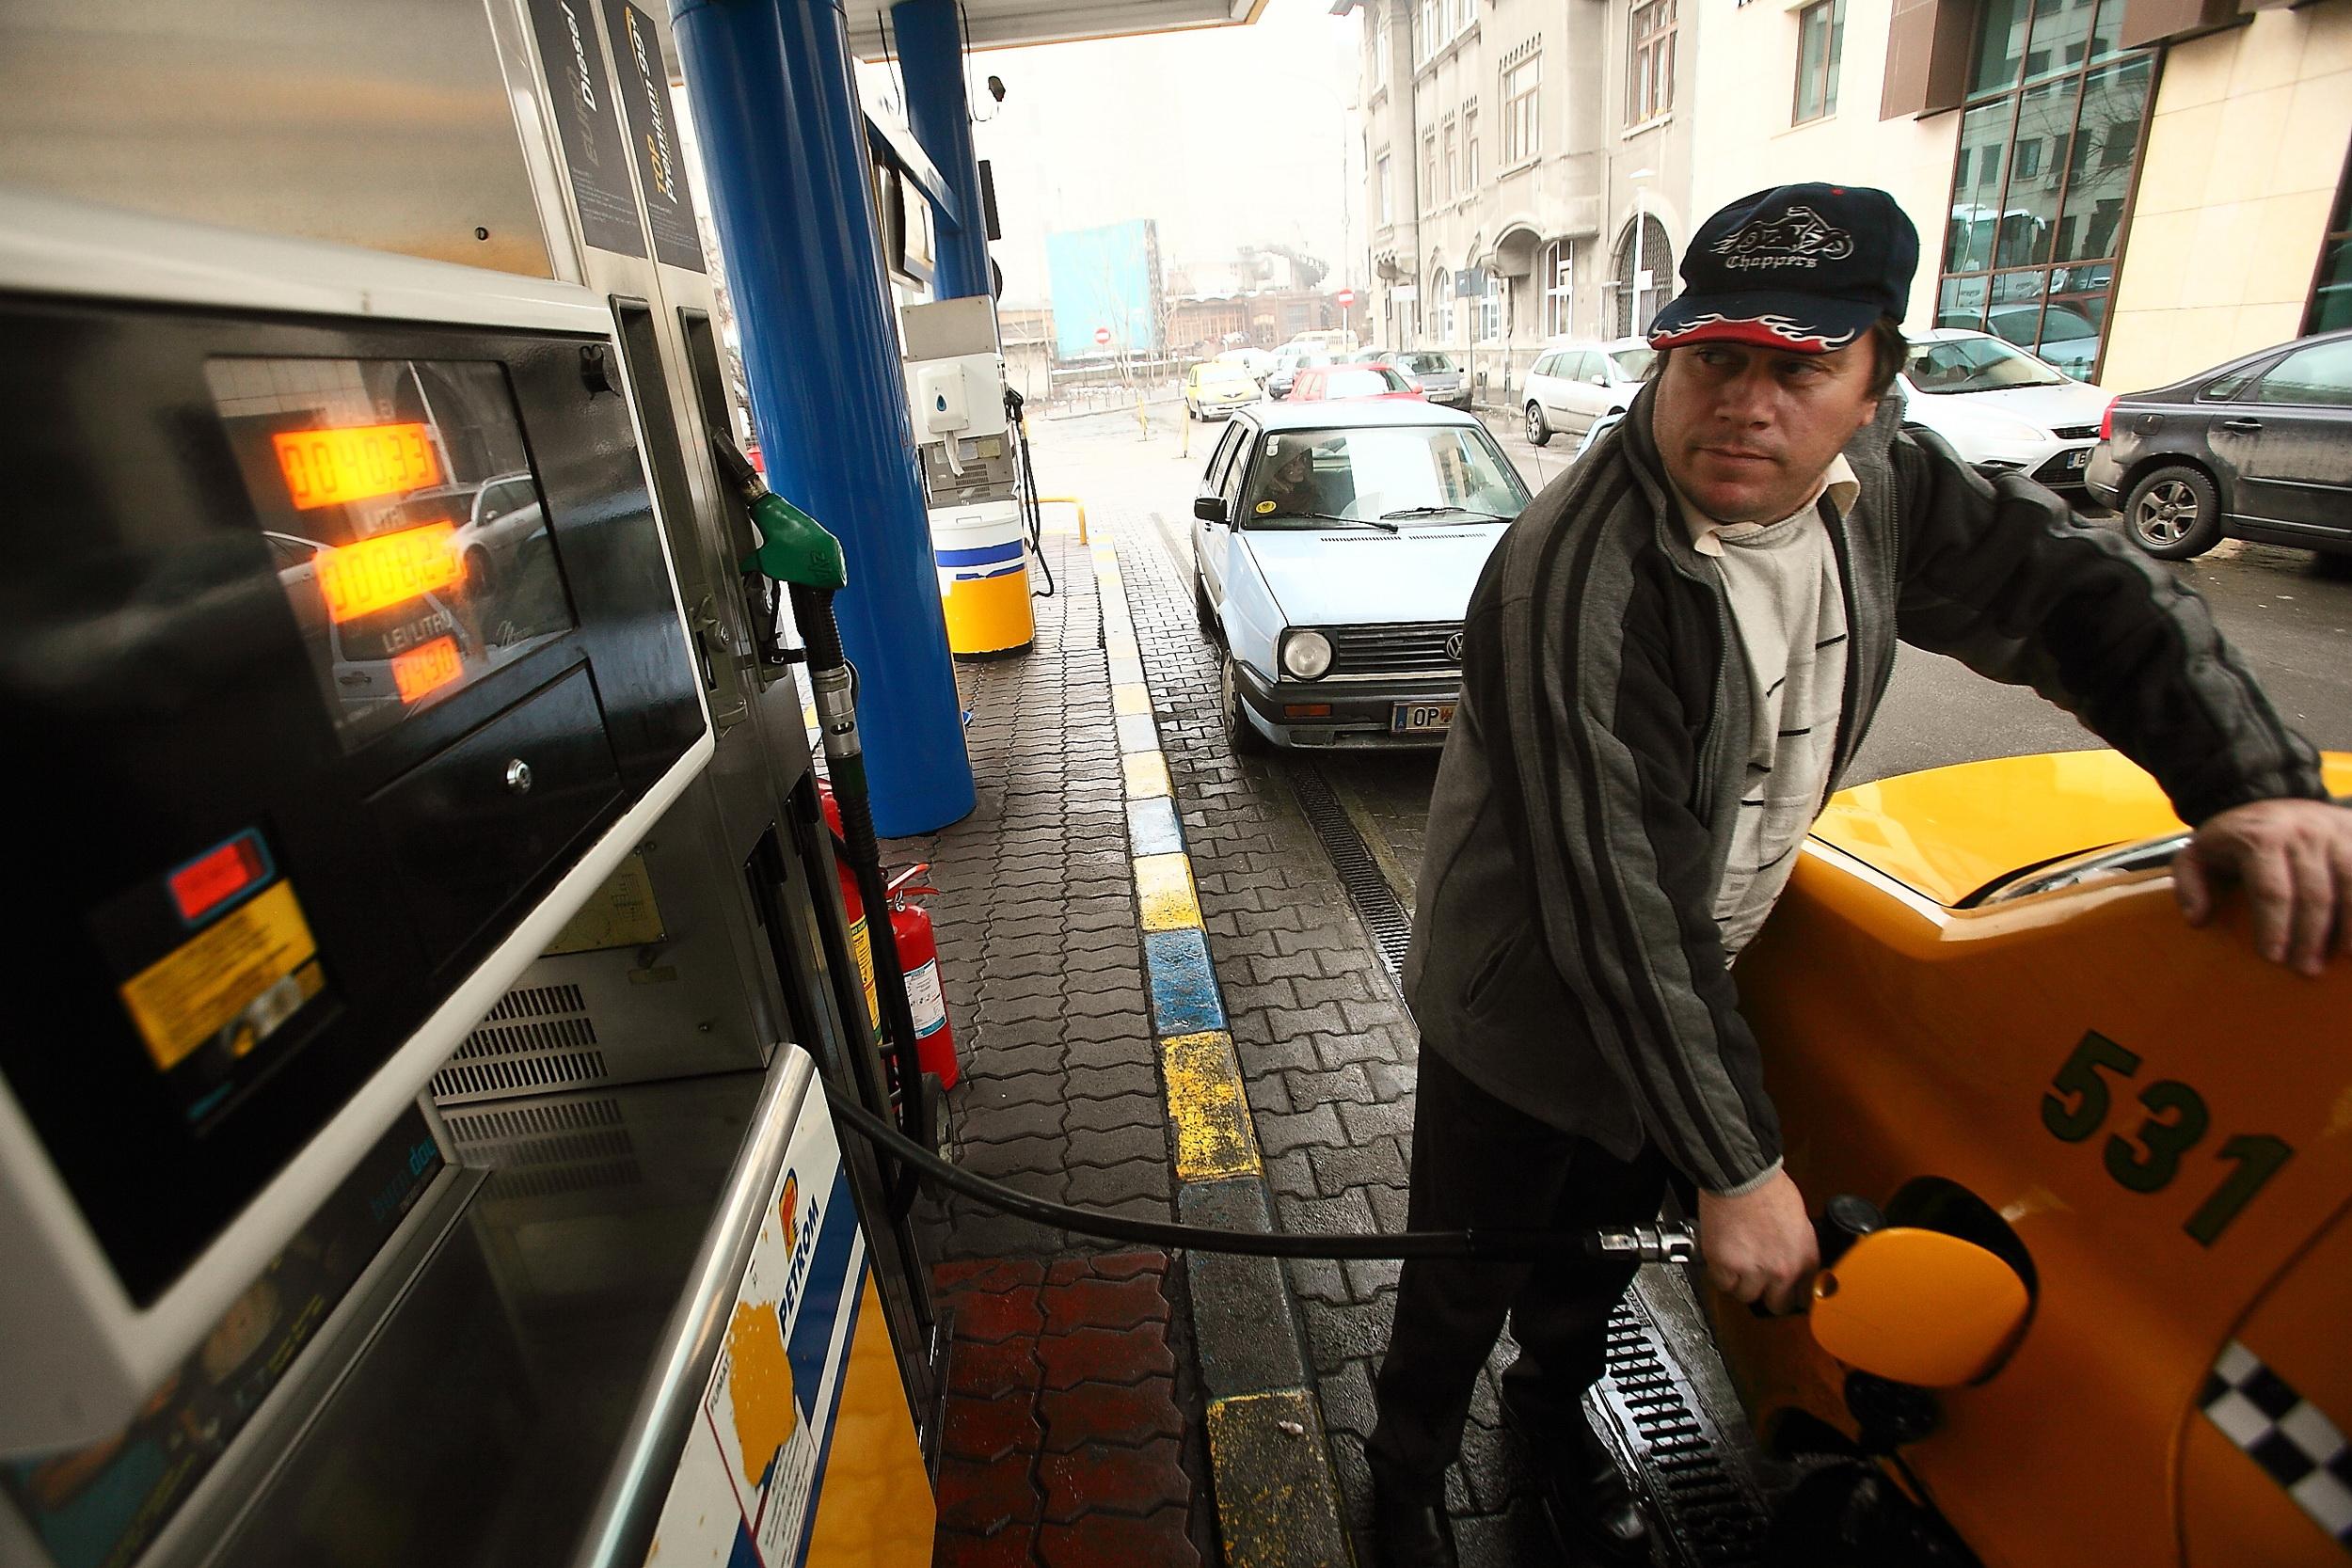 Matematica de criza a soferilor care inlocuiesc motorina cu uleiul de gatit: 6 portii de cartofi prajiti = 20 km cu masina